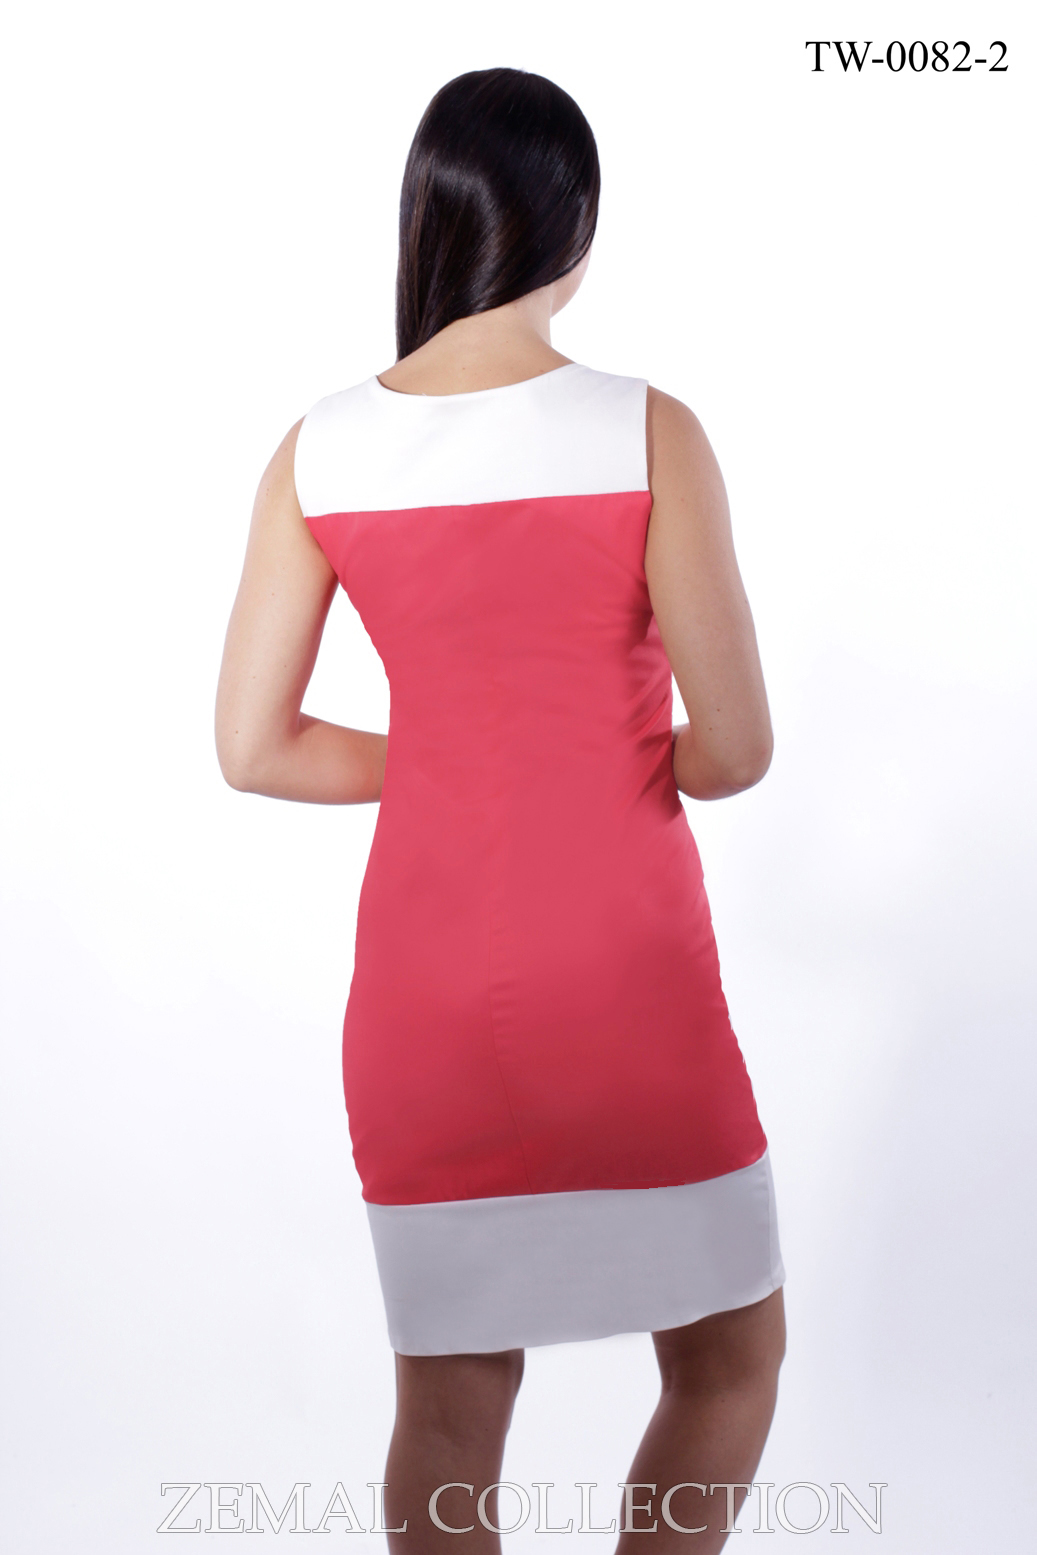 Сукня tw-0082 купить на сайте производителя